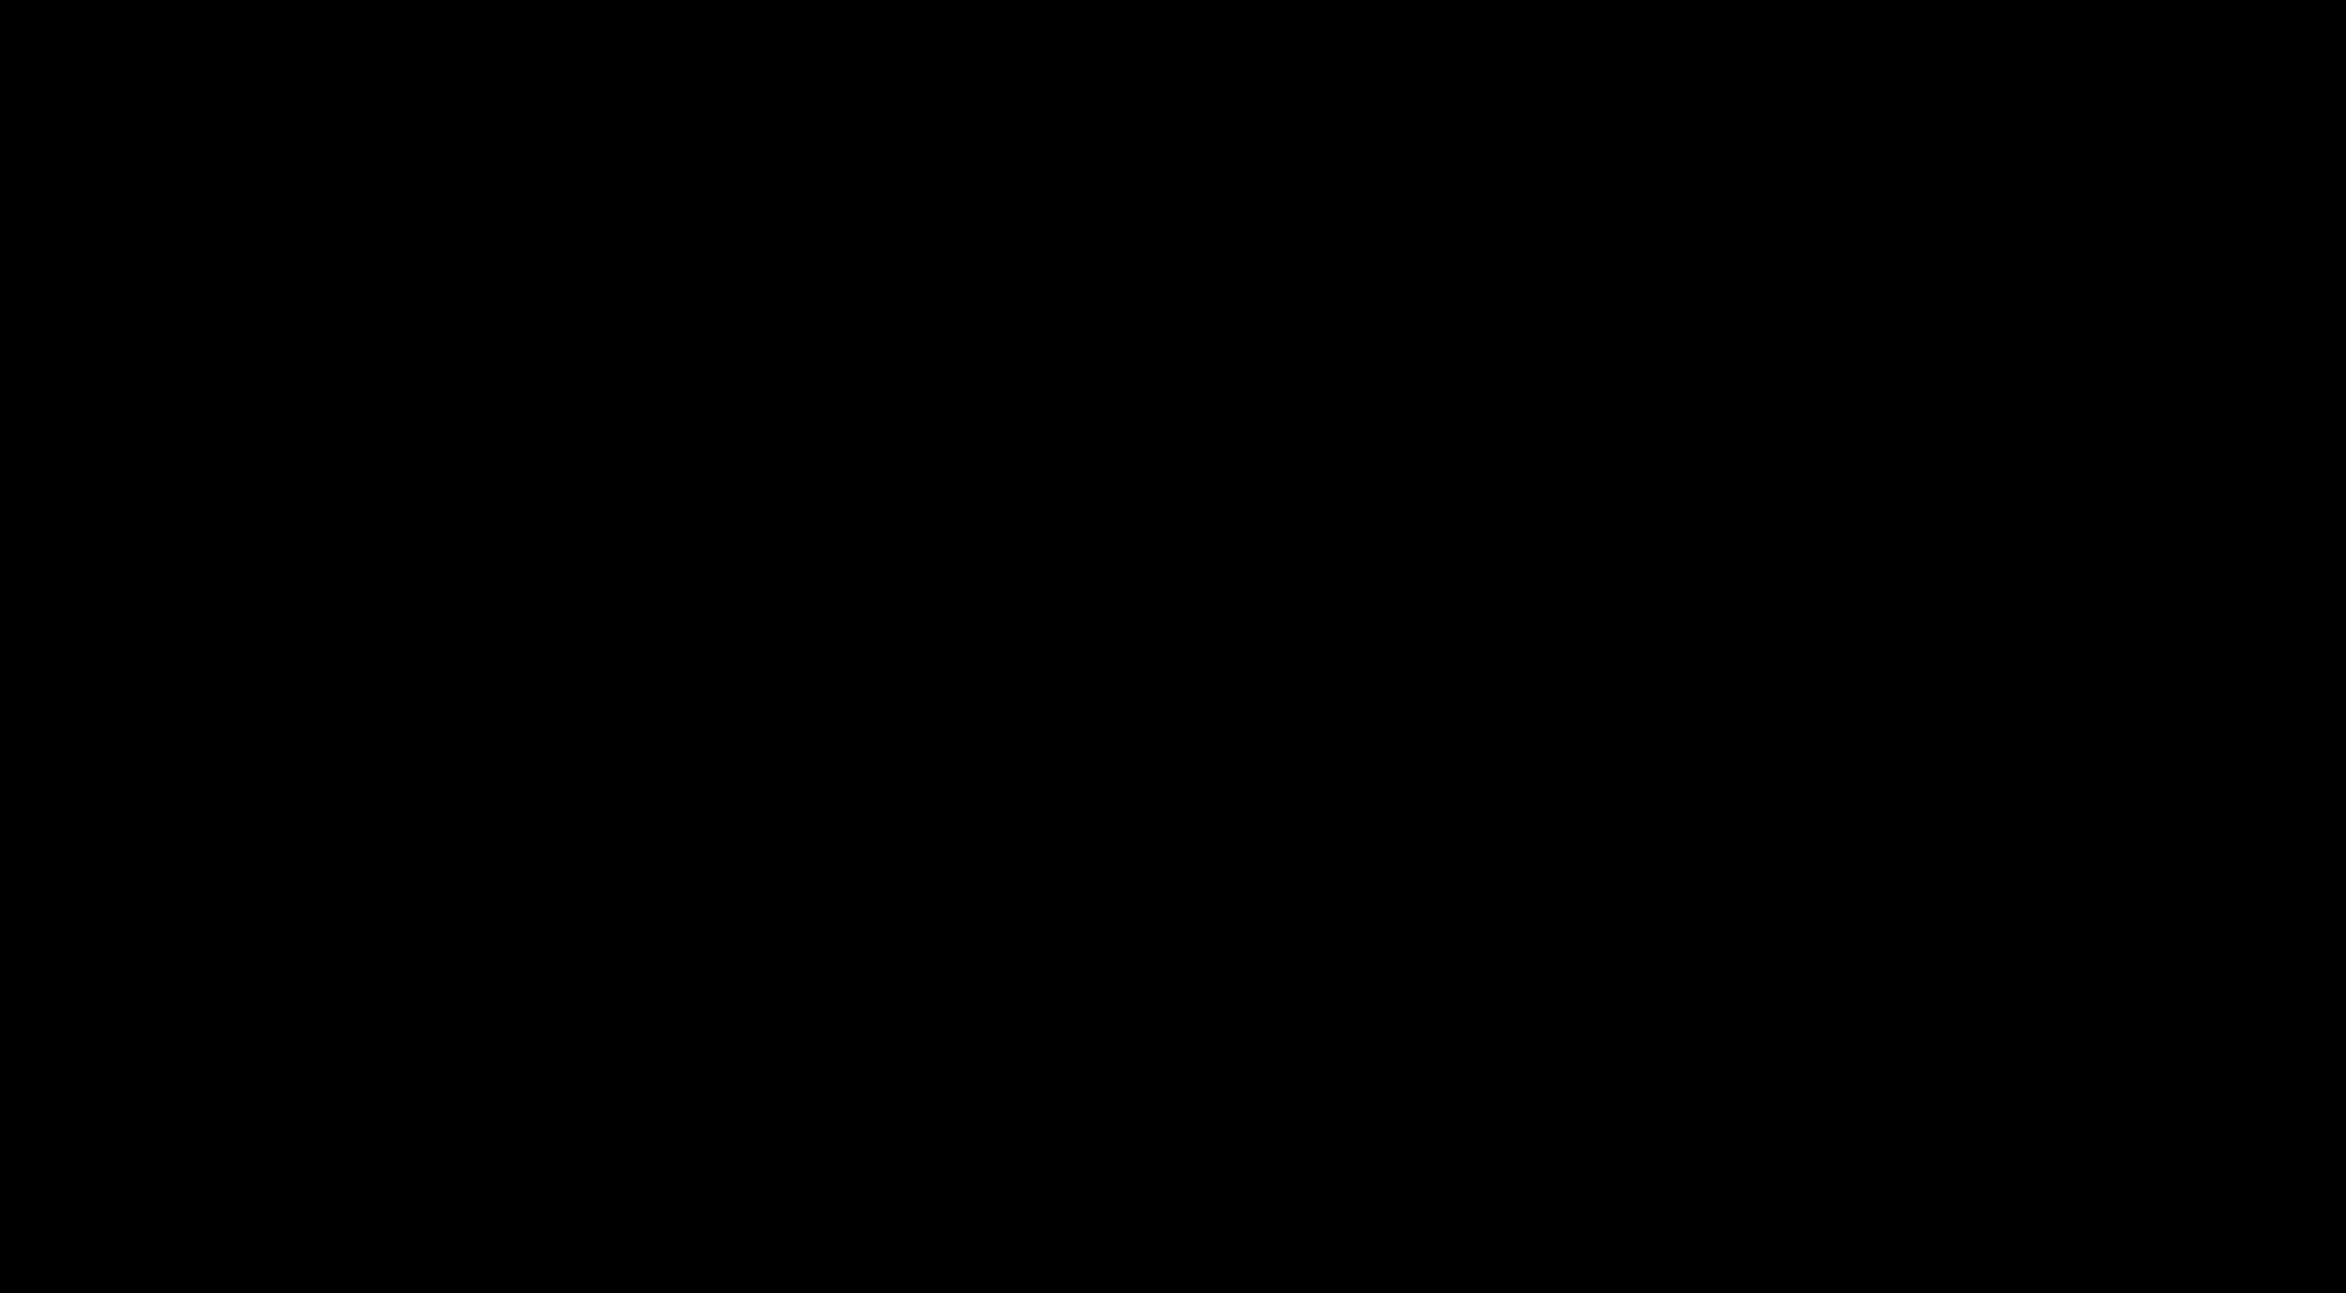 Модуляции в тональности 1-й степени родства - solfamusictheory